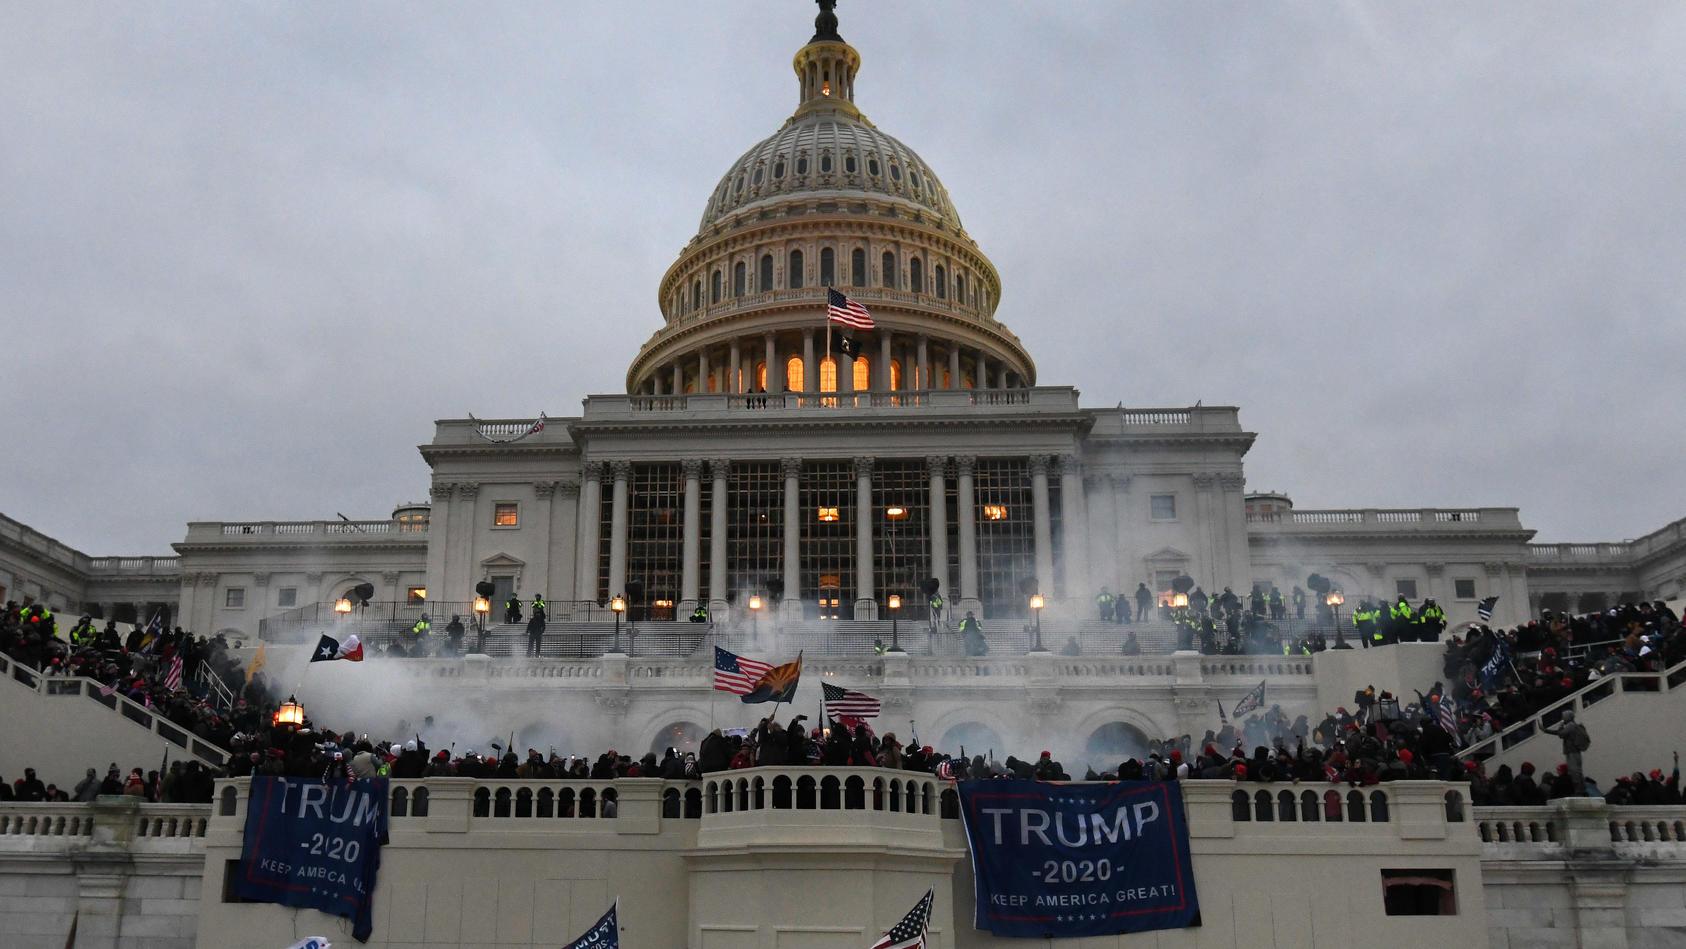 Der Angriff auf das Kapitol in Washington am 6. Januar 2021 schockte die ganze Welt.